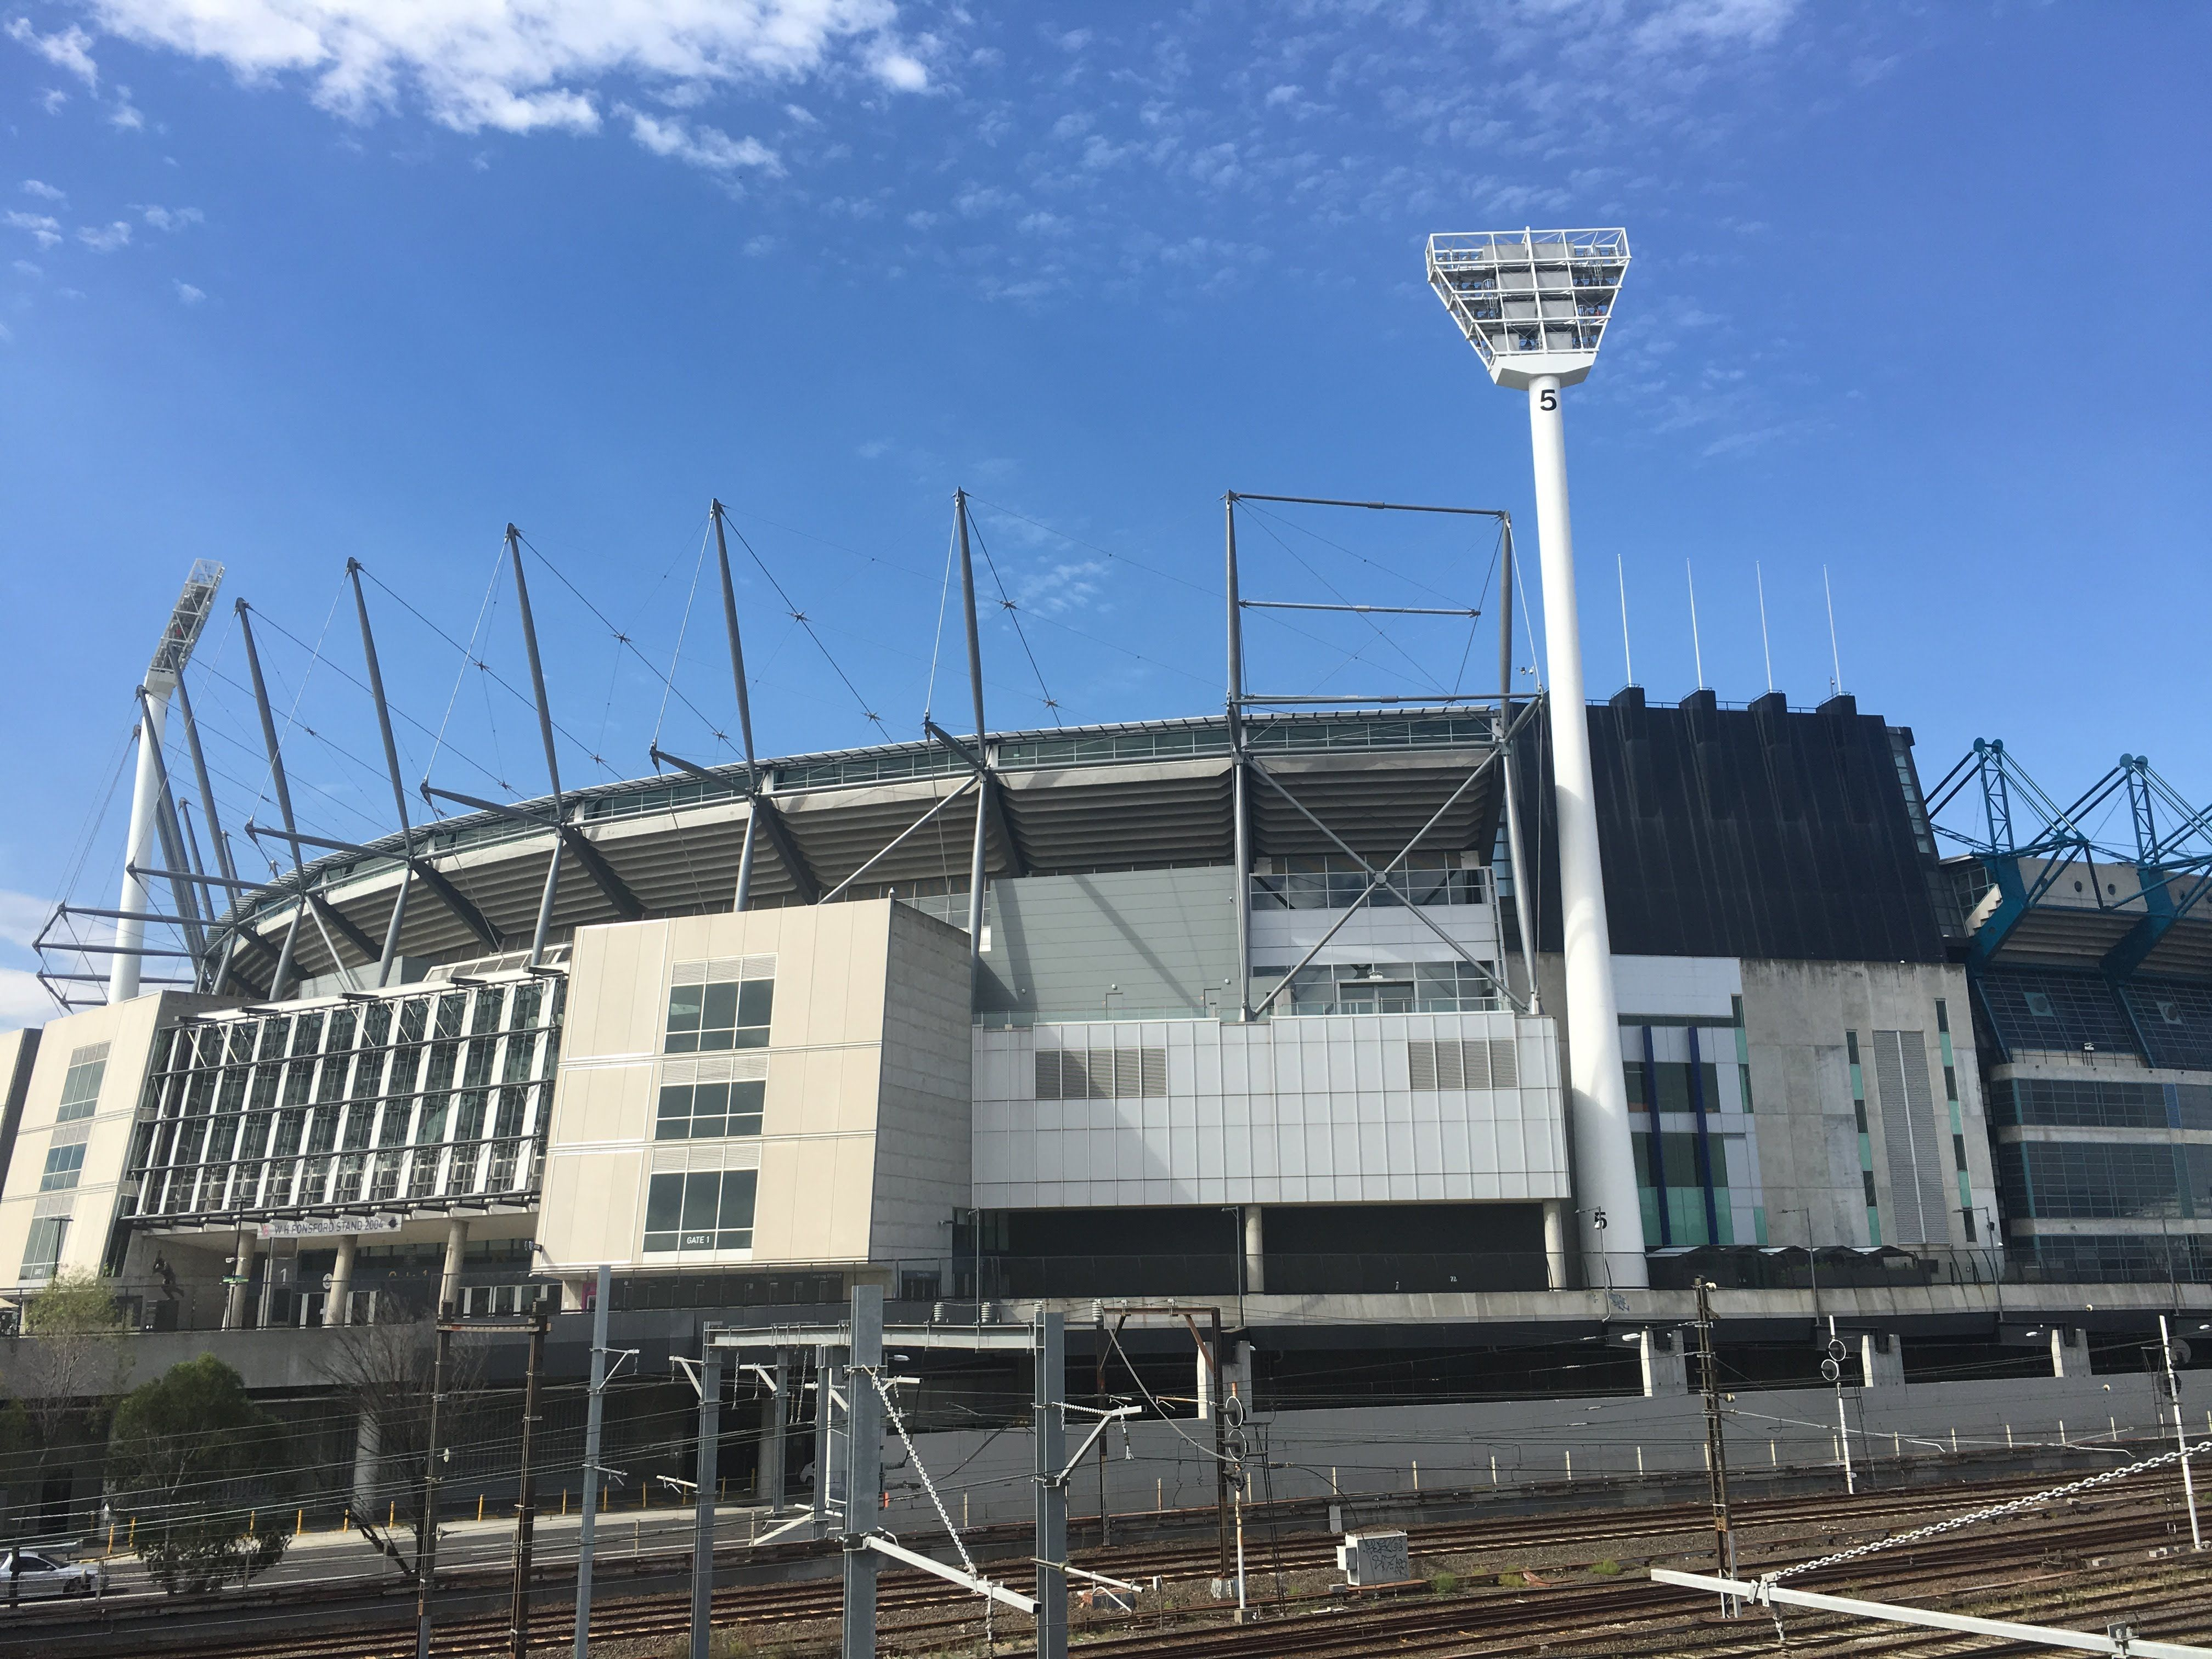 Melbourne Cricket Ground Melbourne Cricket Ground Melbourne Australia